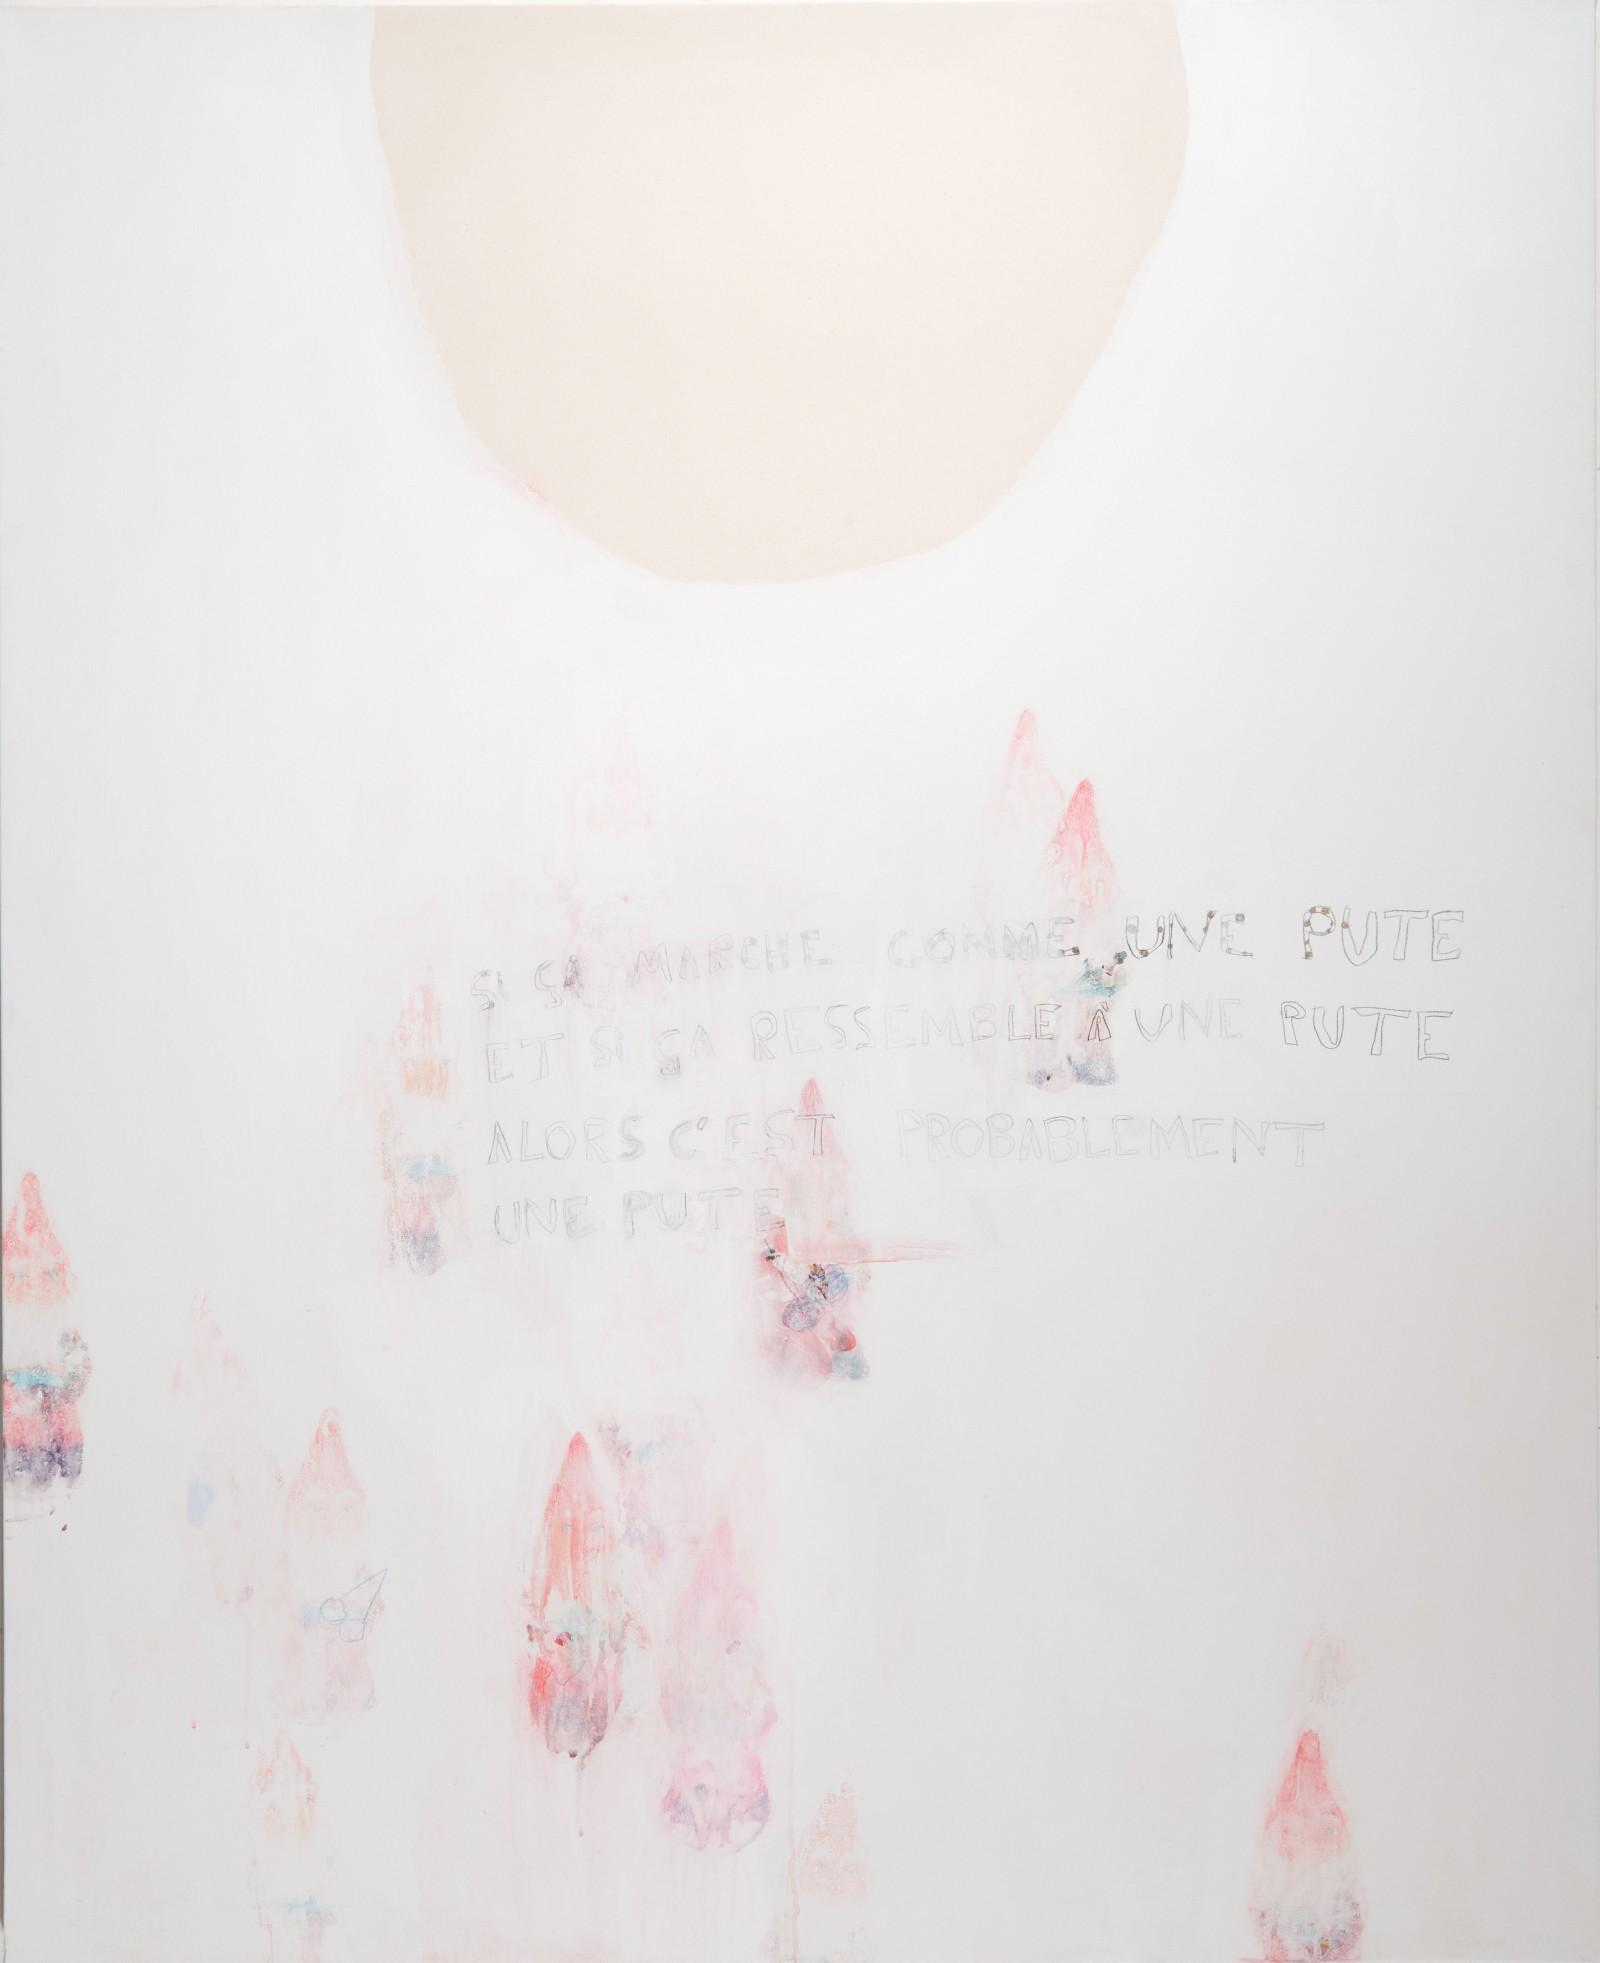 Si ça marche comme une pute, et si ça ressemble à une pute, alors c'est probablement une pute,150 x 100, 2012